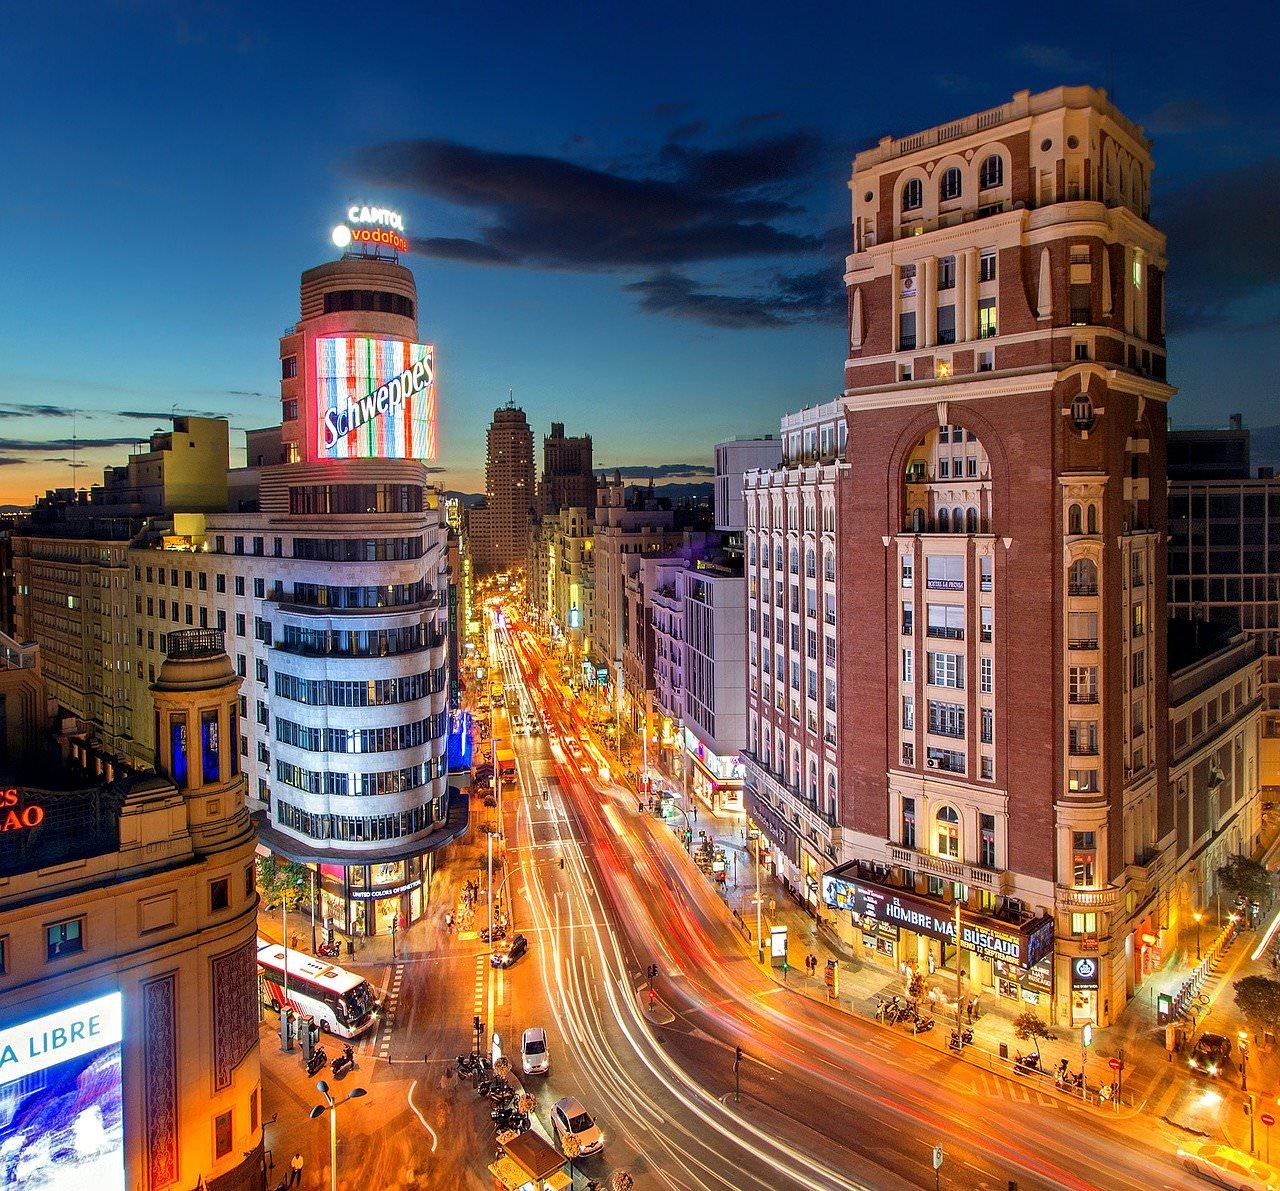 أفضل 10 أماكن مذهلة لمشاهدتها في إسبانيا